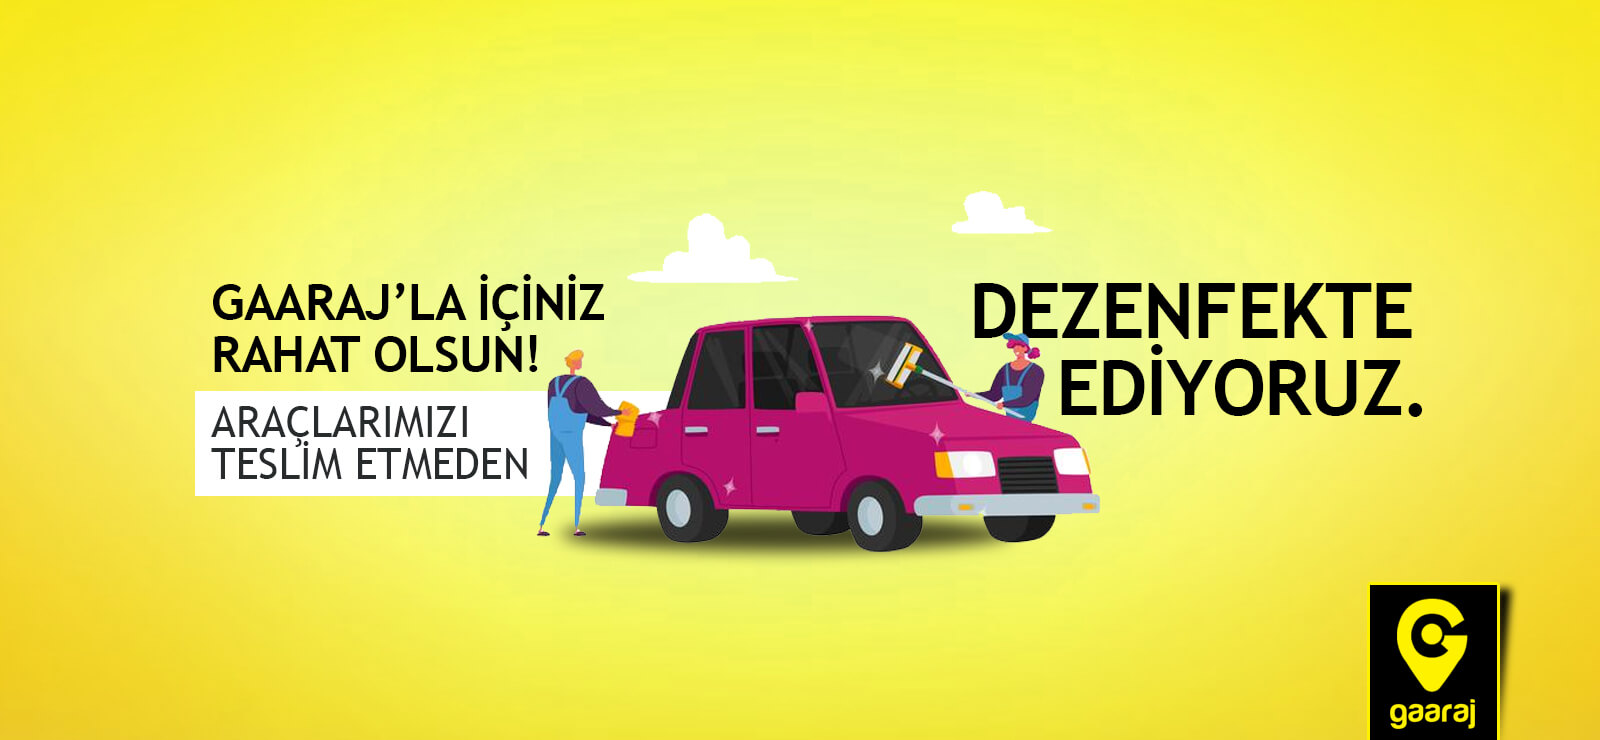 GAARAJ'LA İÇİNİZ RAHAT OLSUN!